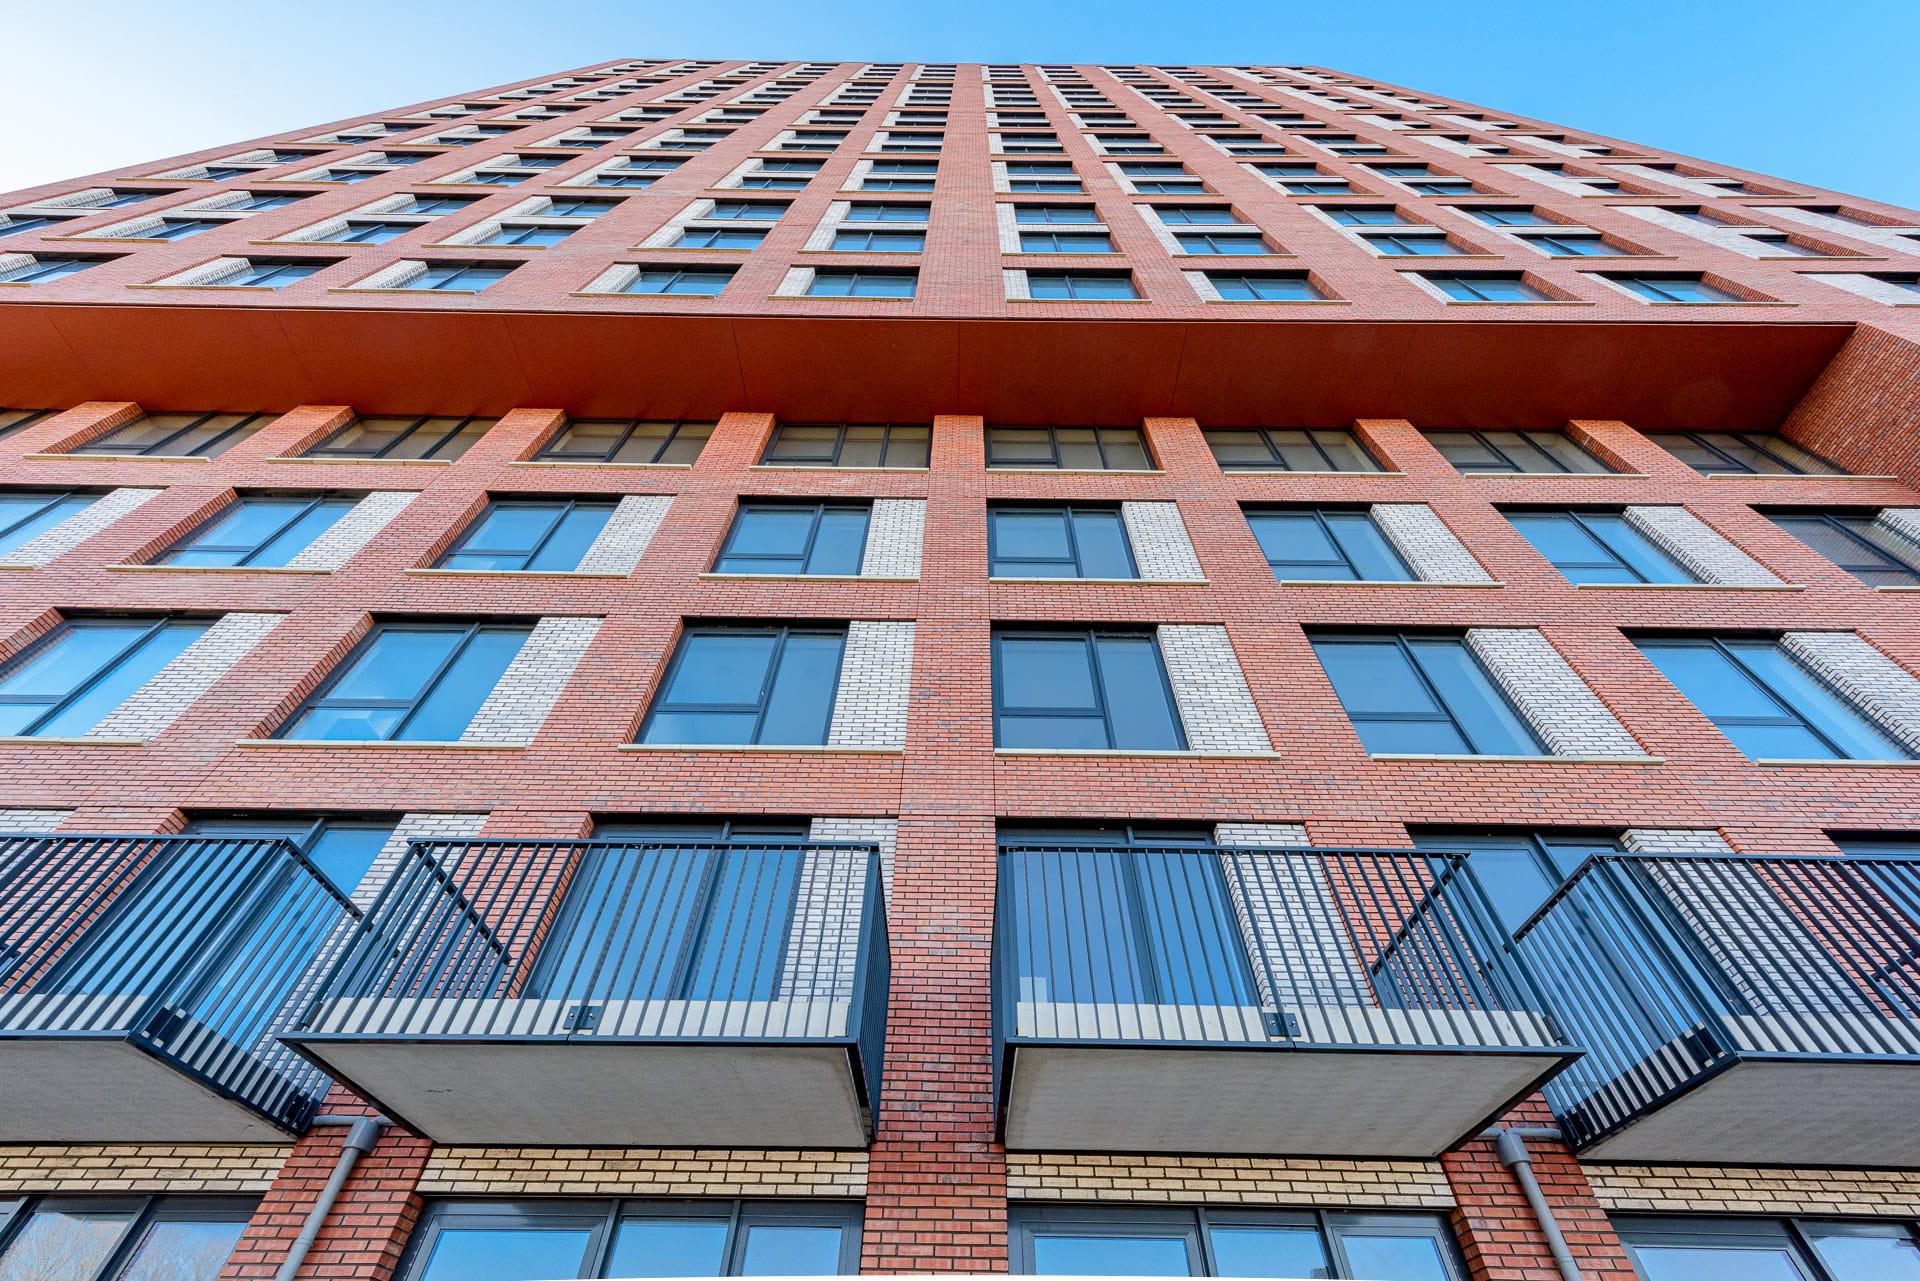 Gevel van een toren van onderen naar boven bekeken met balkons onderop